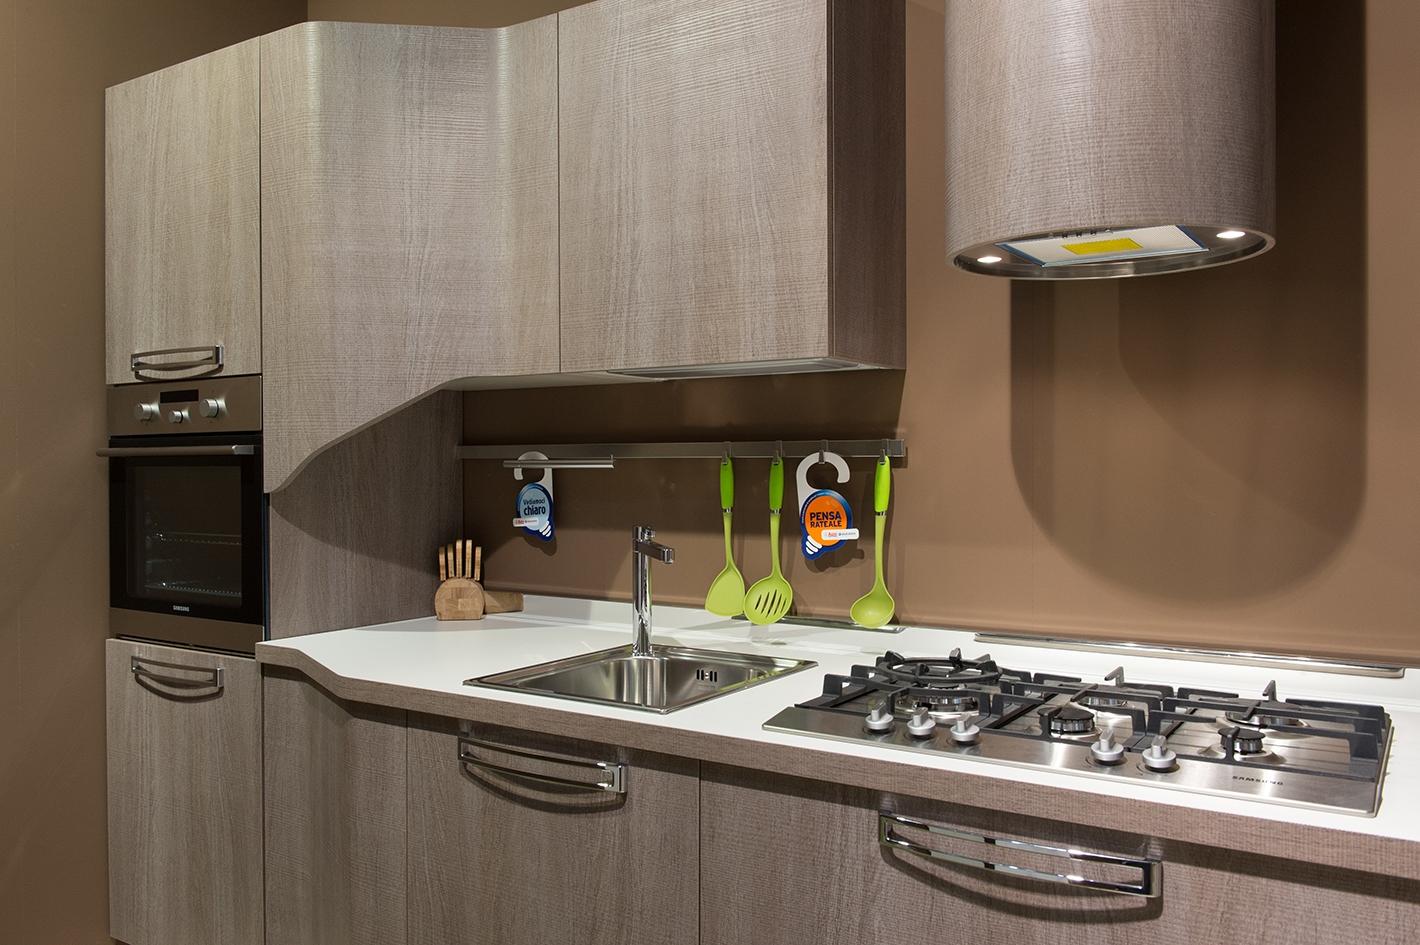 listino prezzi cucine stosa - 28 images - listino prezzi cucine ...